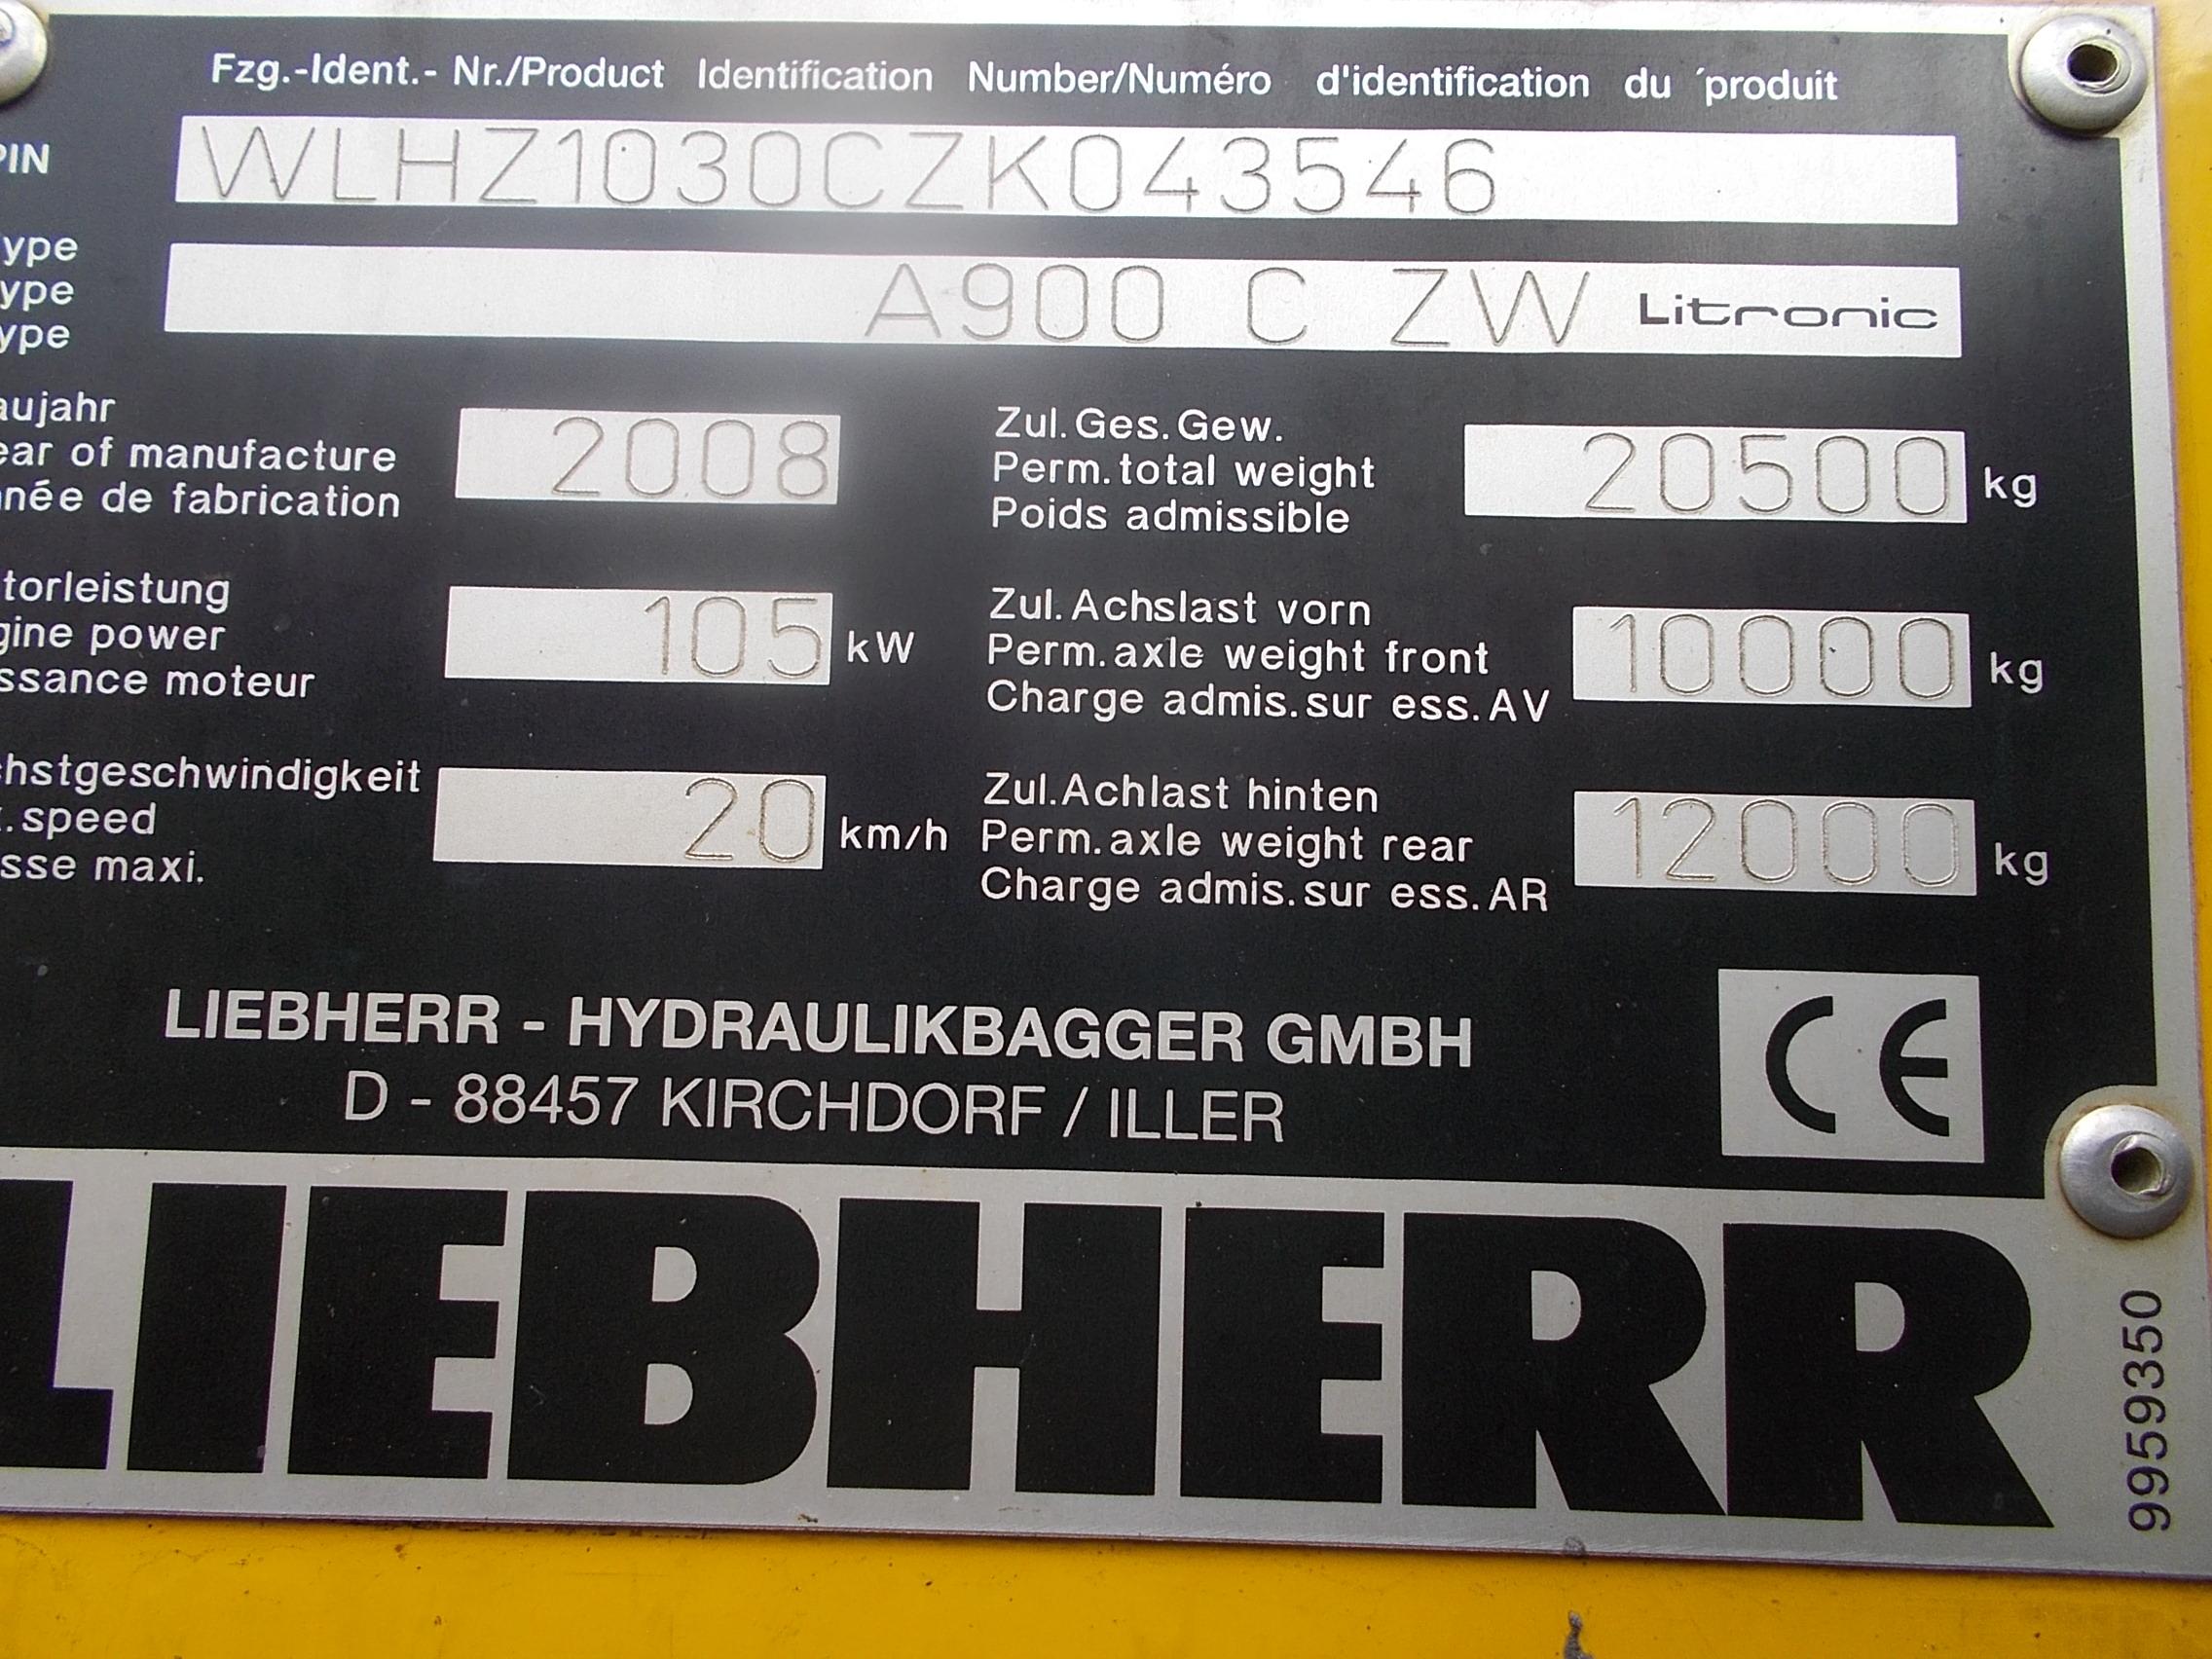 A 900C ZW LI-1030-43546_015.JPG